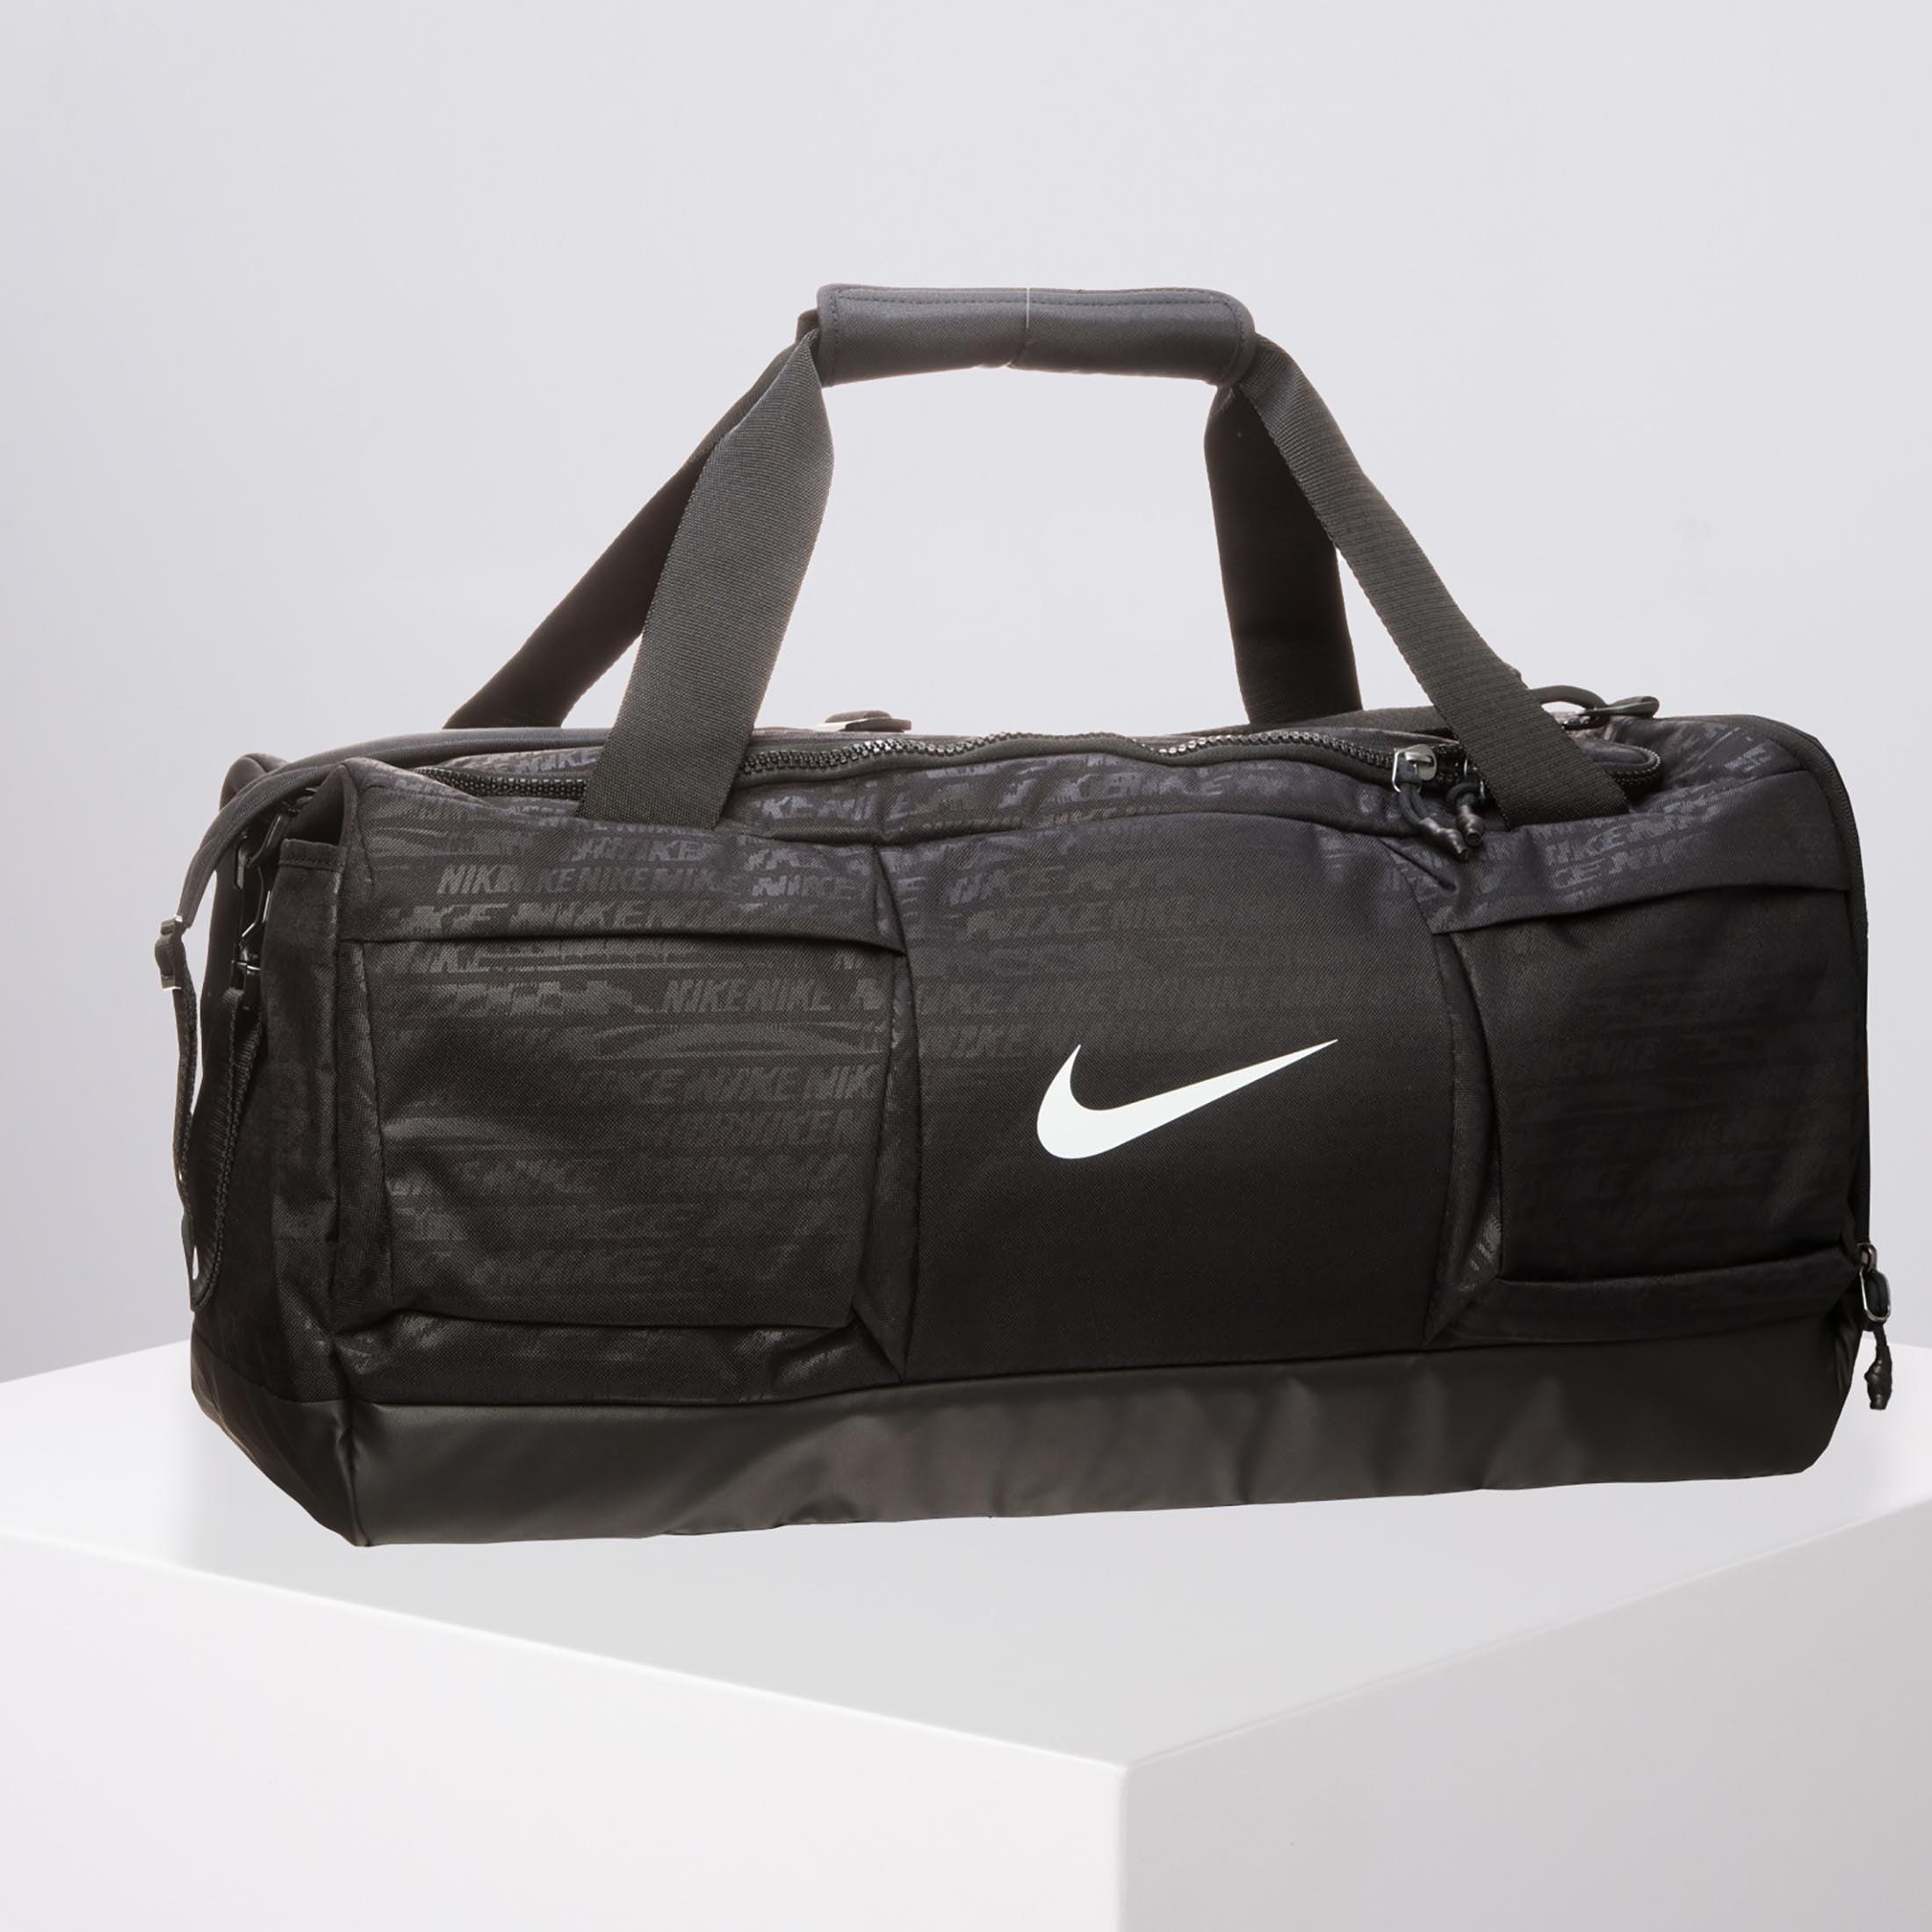 Sporttasche Nike